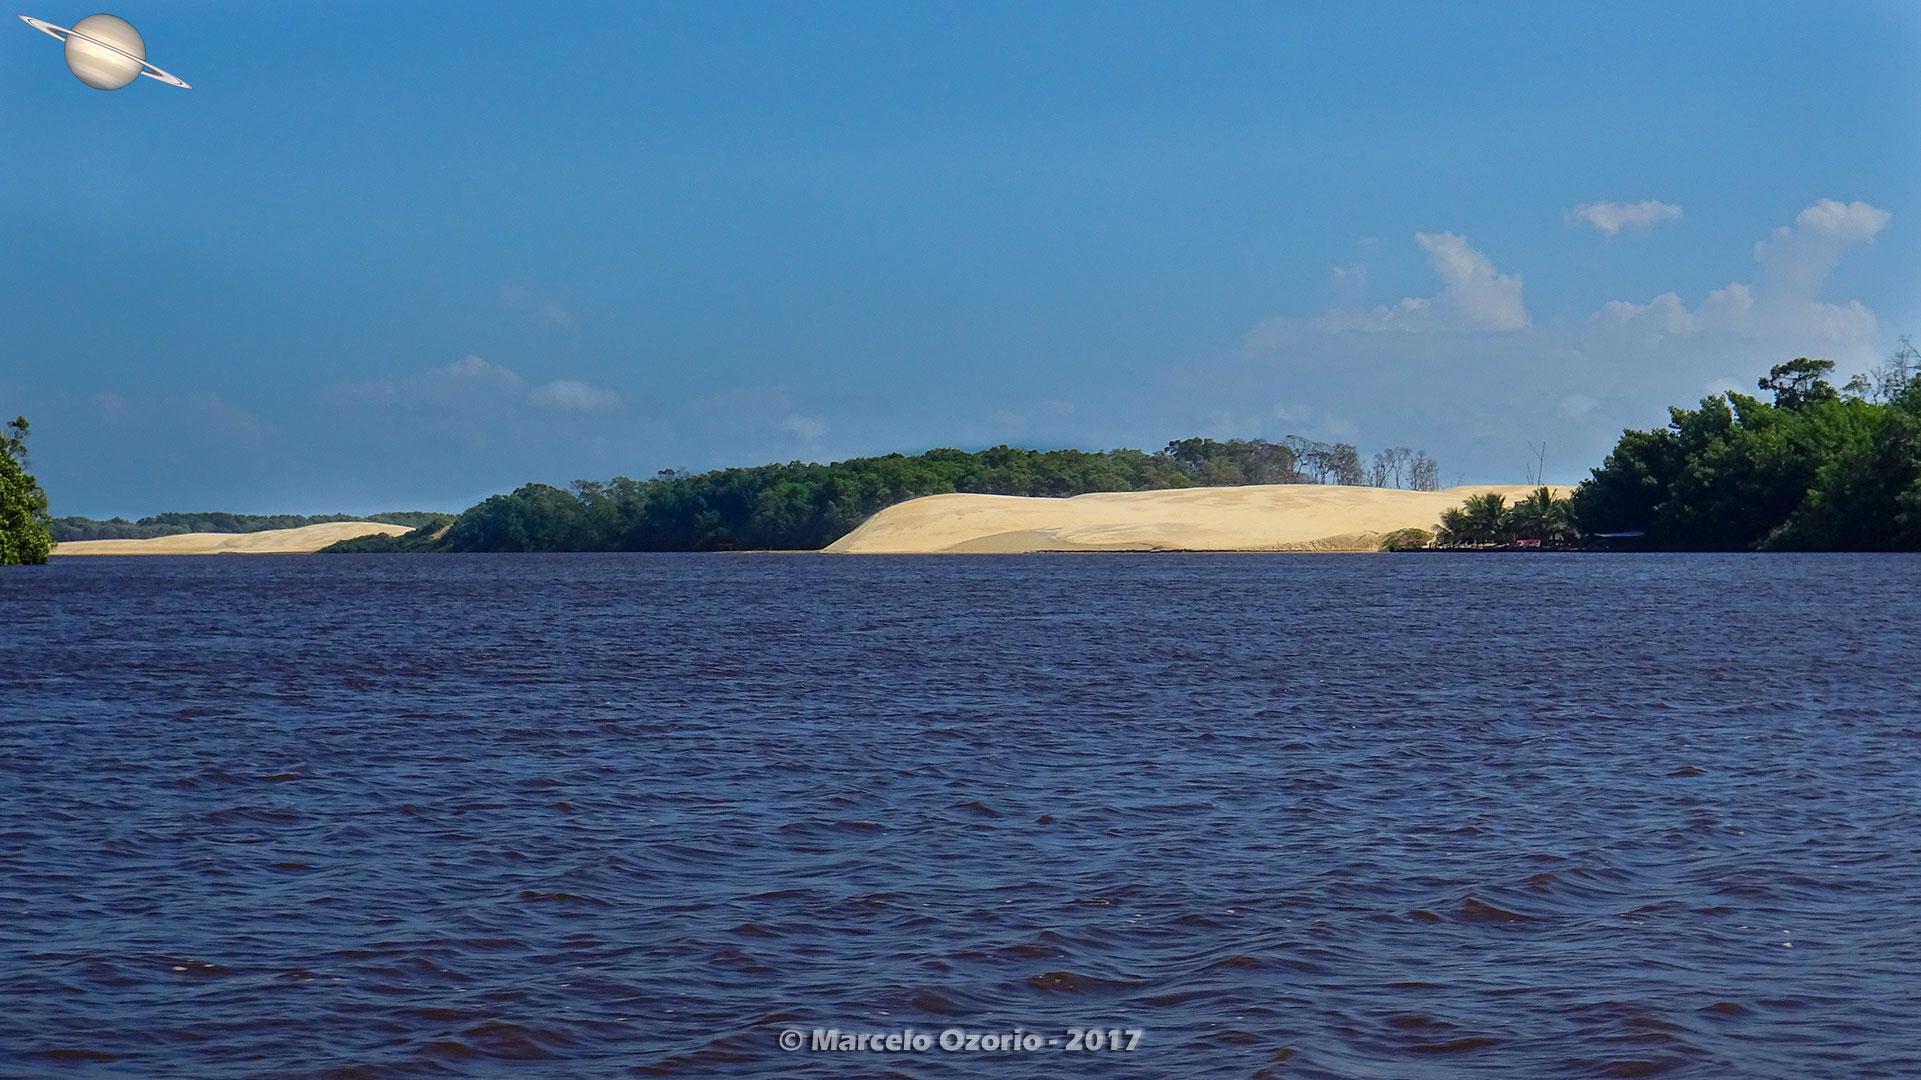 barreirinhas descendo rio preguicas atins 15 - De Barreirinhas à Canto do Atins. Trekking nos Lençóis Maranhenses - Brasil